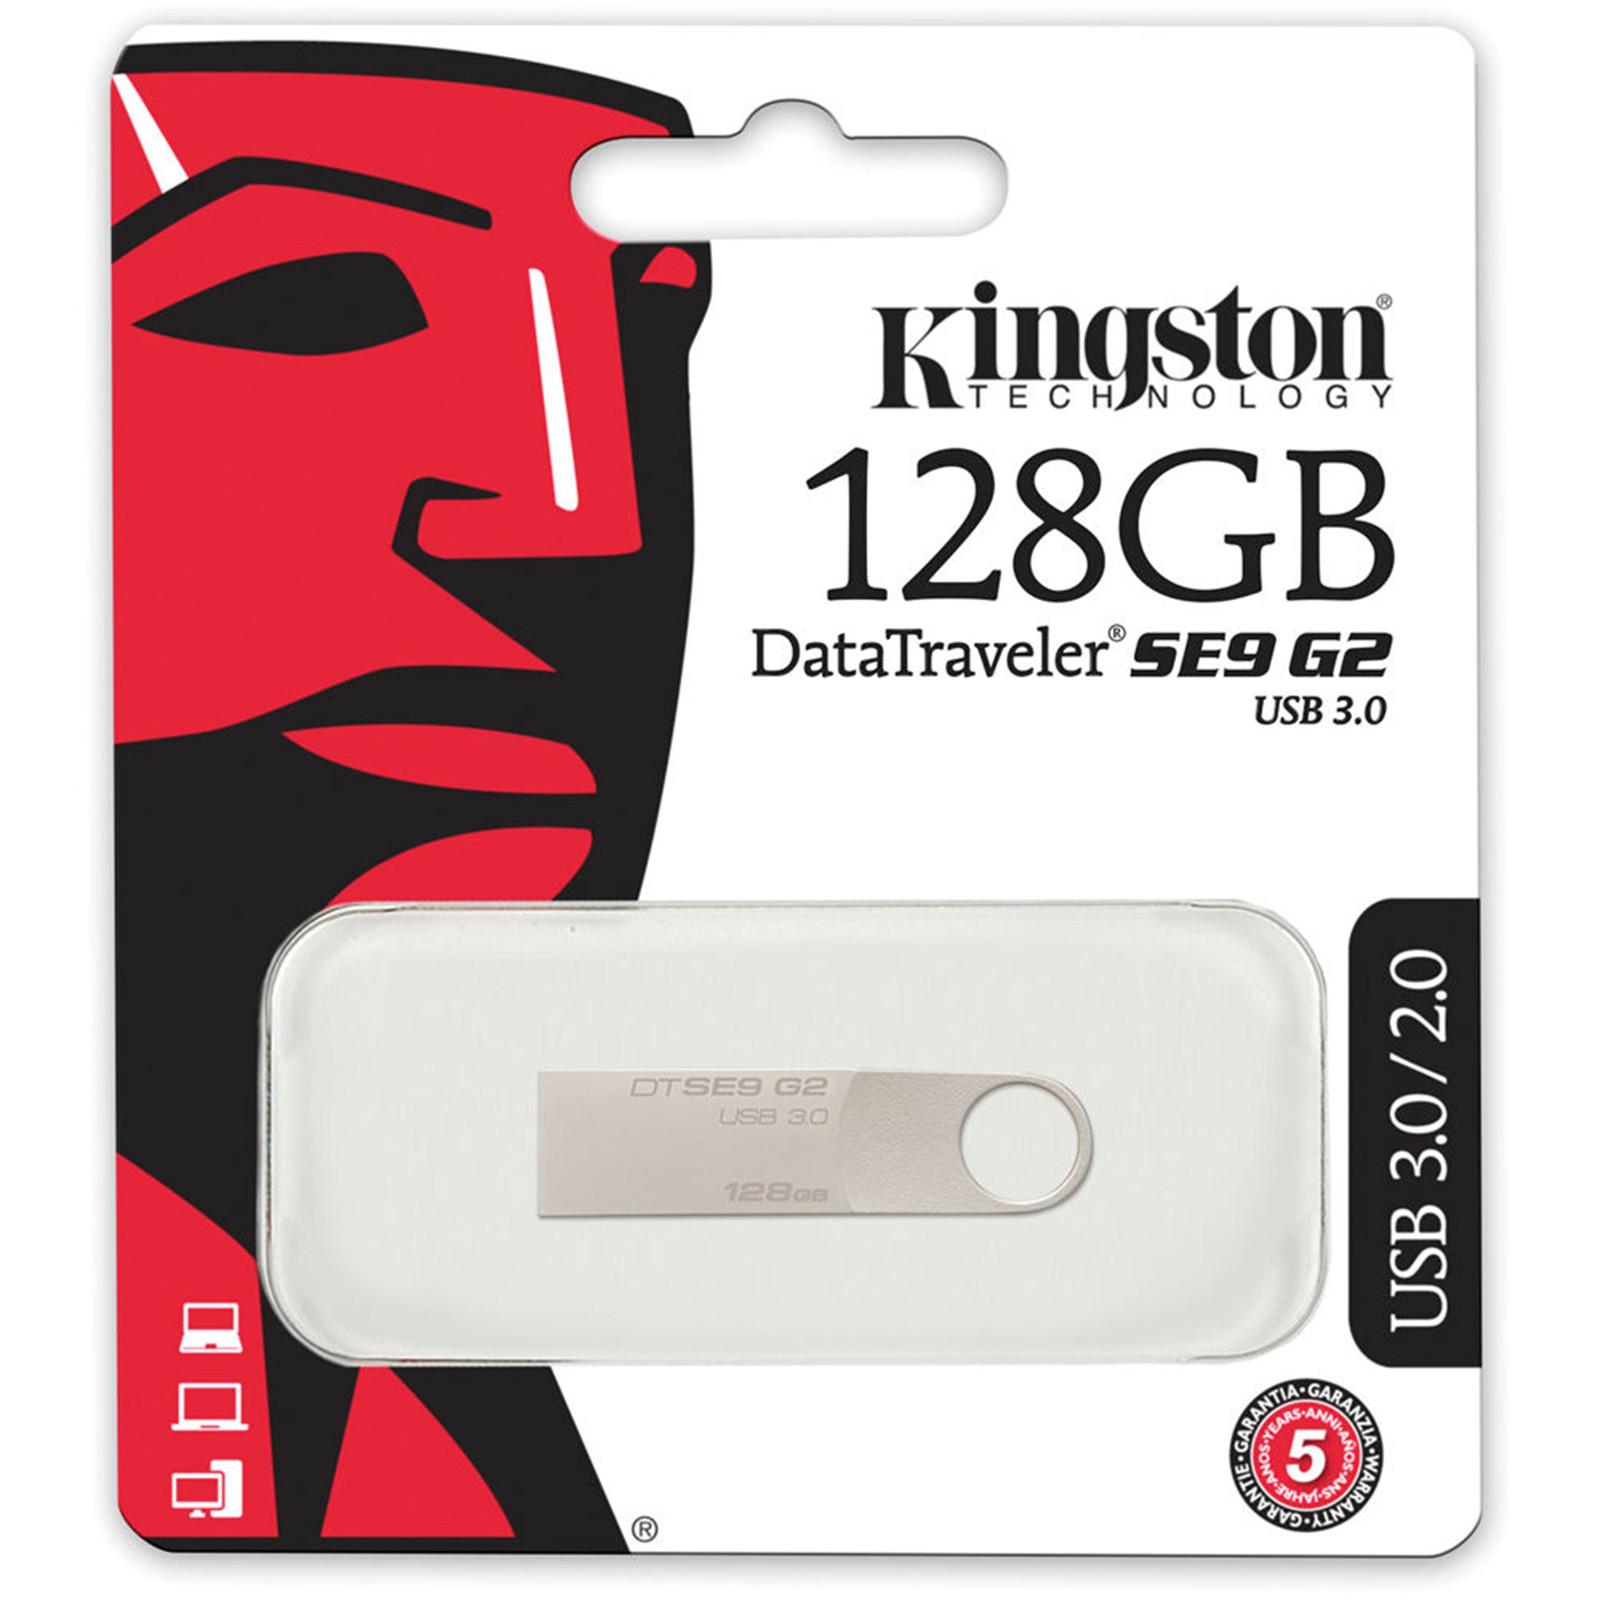 Buy The Kingston 128gb Usb 3 0 Datatraveler Se9 G2 Stylish Metal